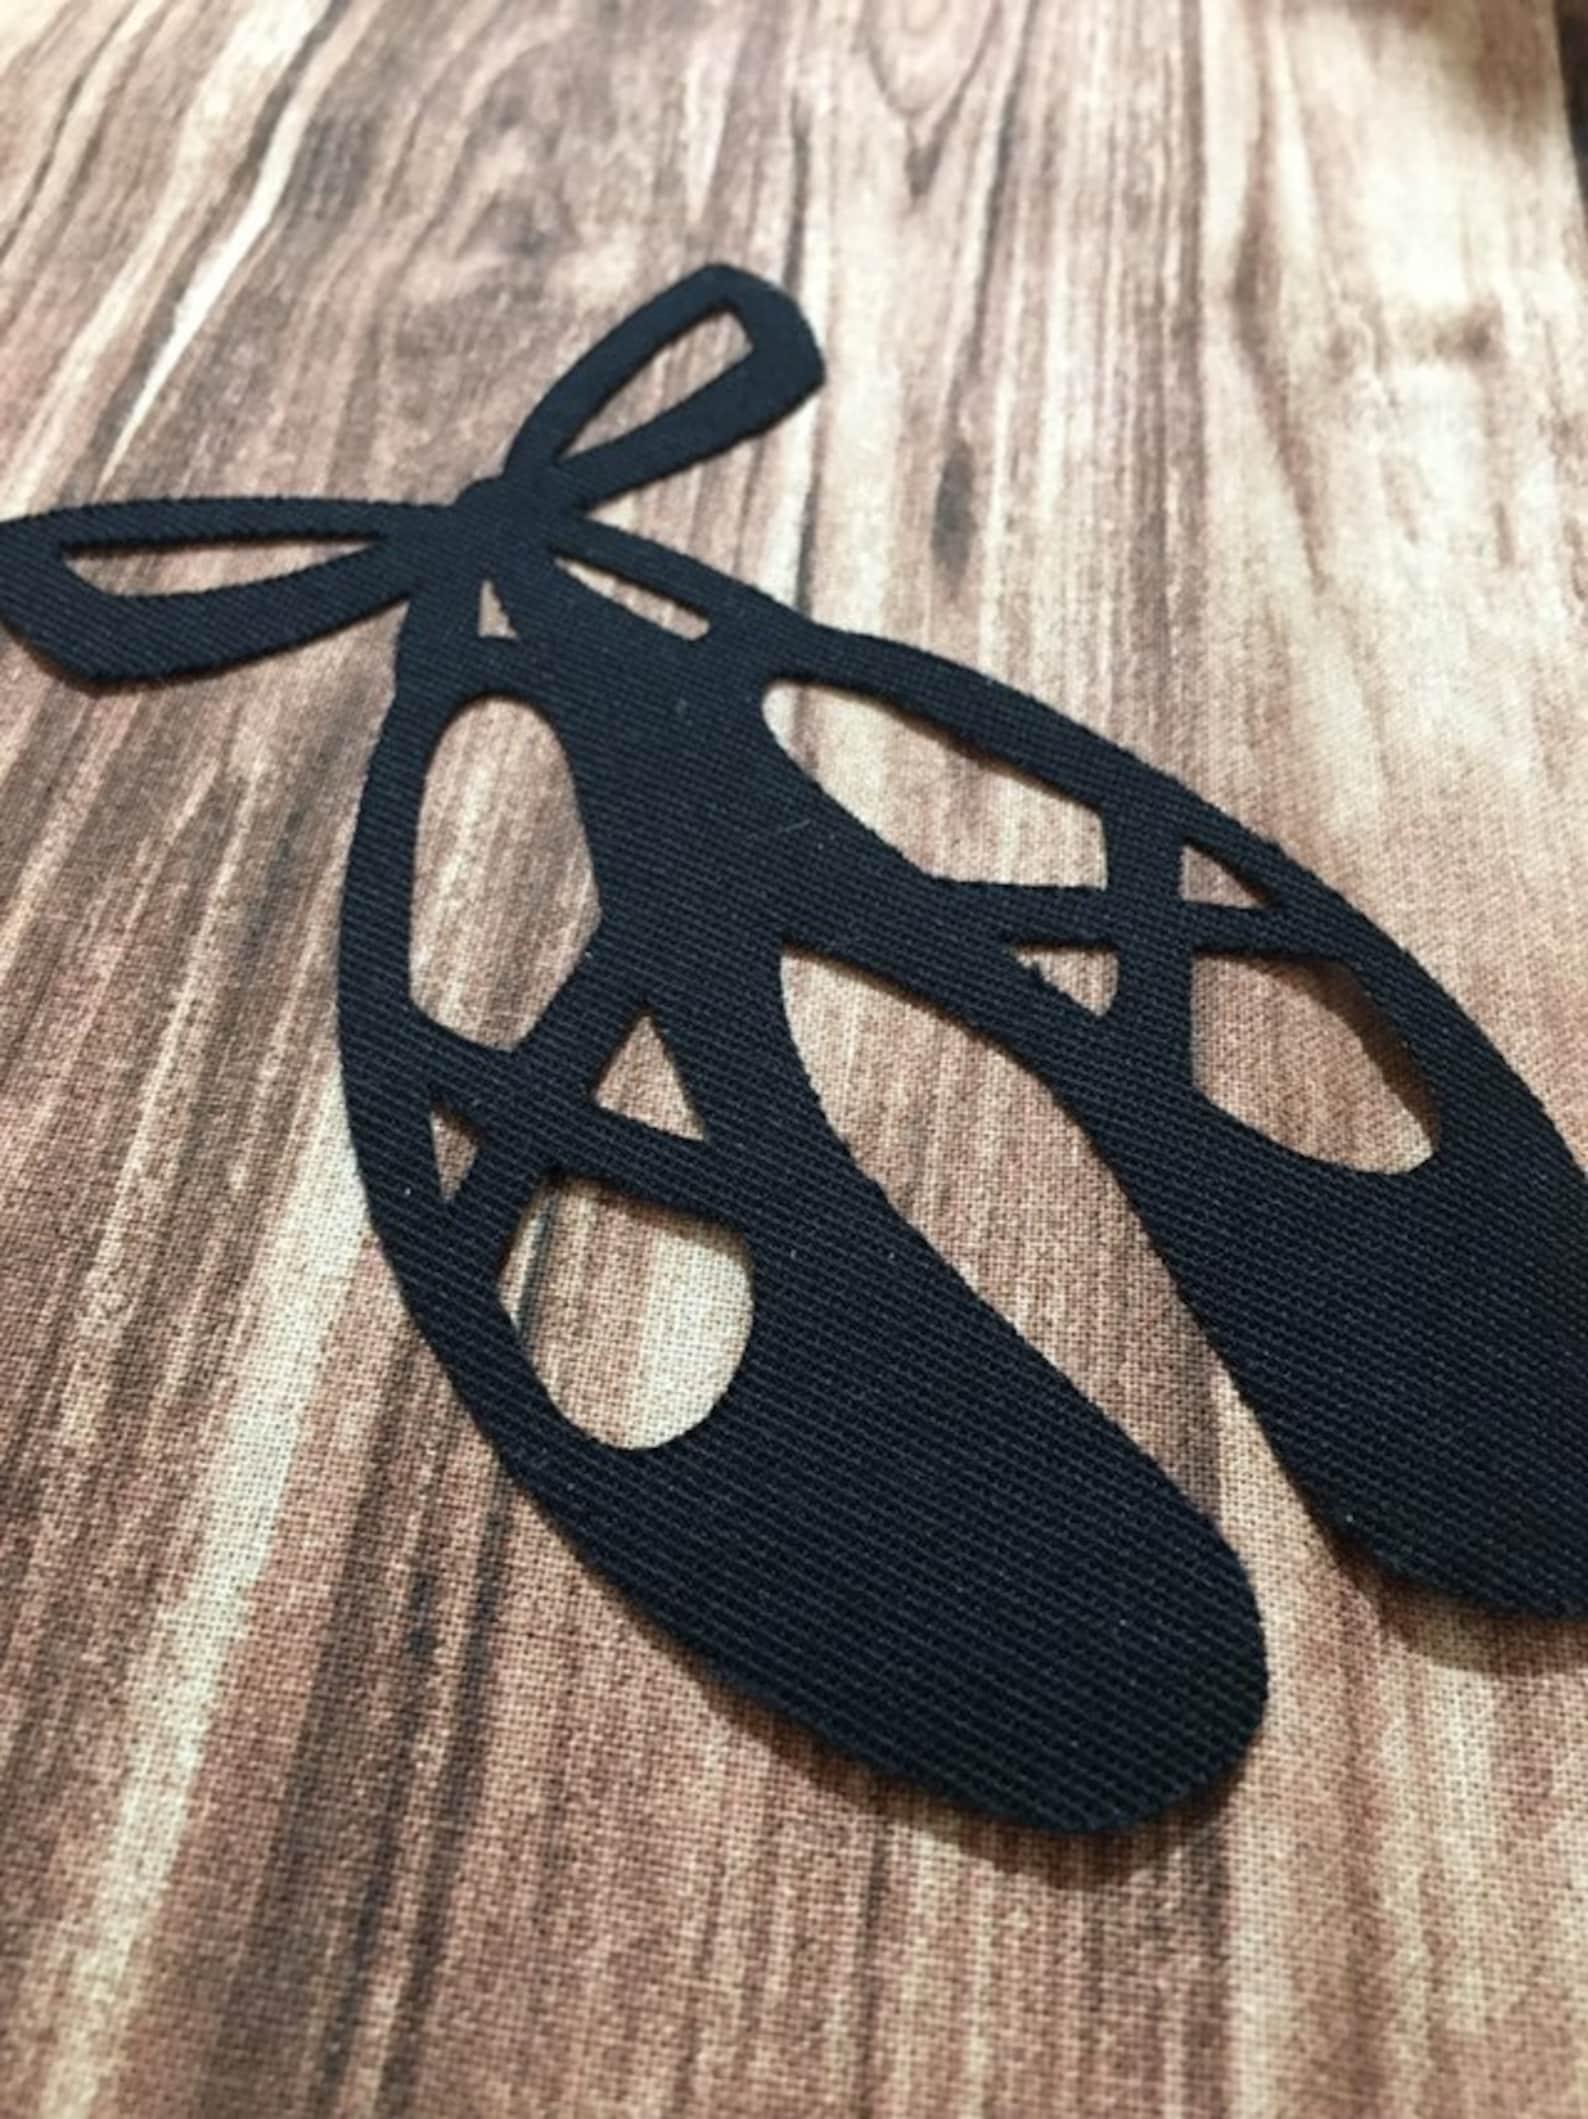 ballet shoes patch / kid shoes patch / girl shoes patch / appliqué